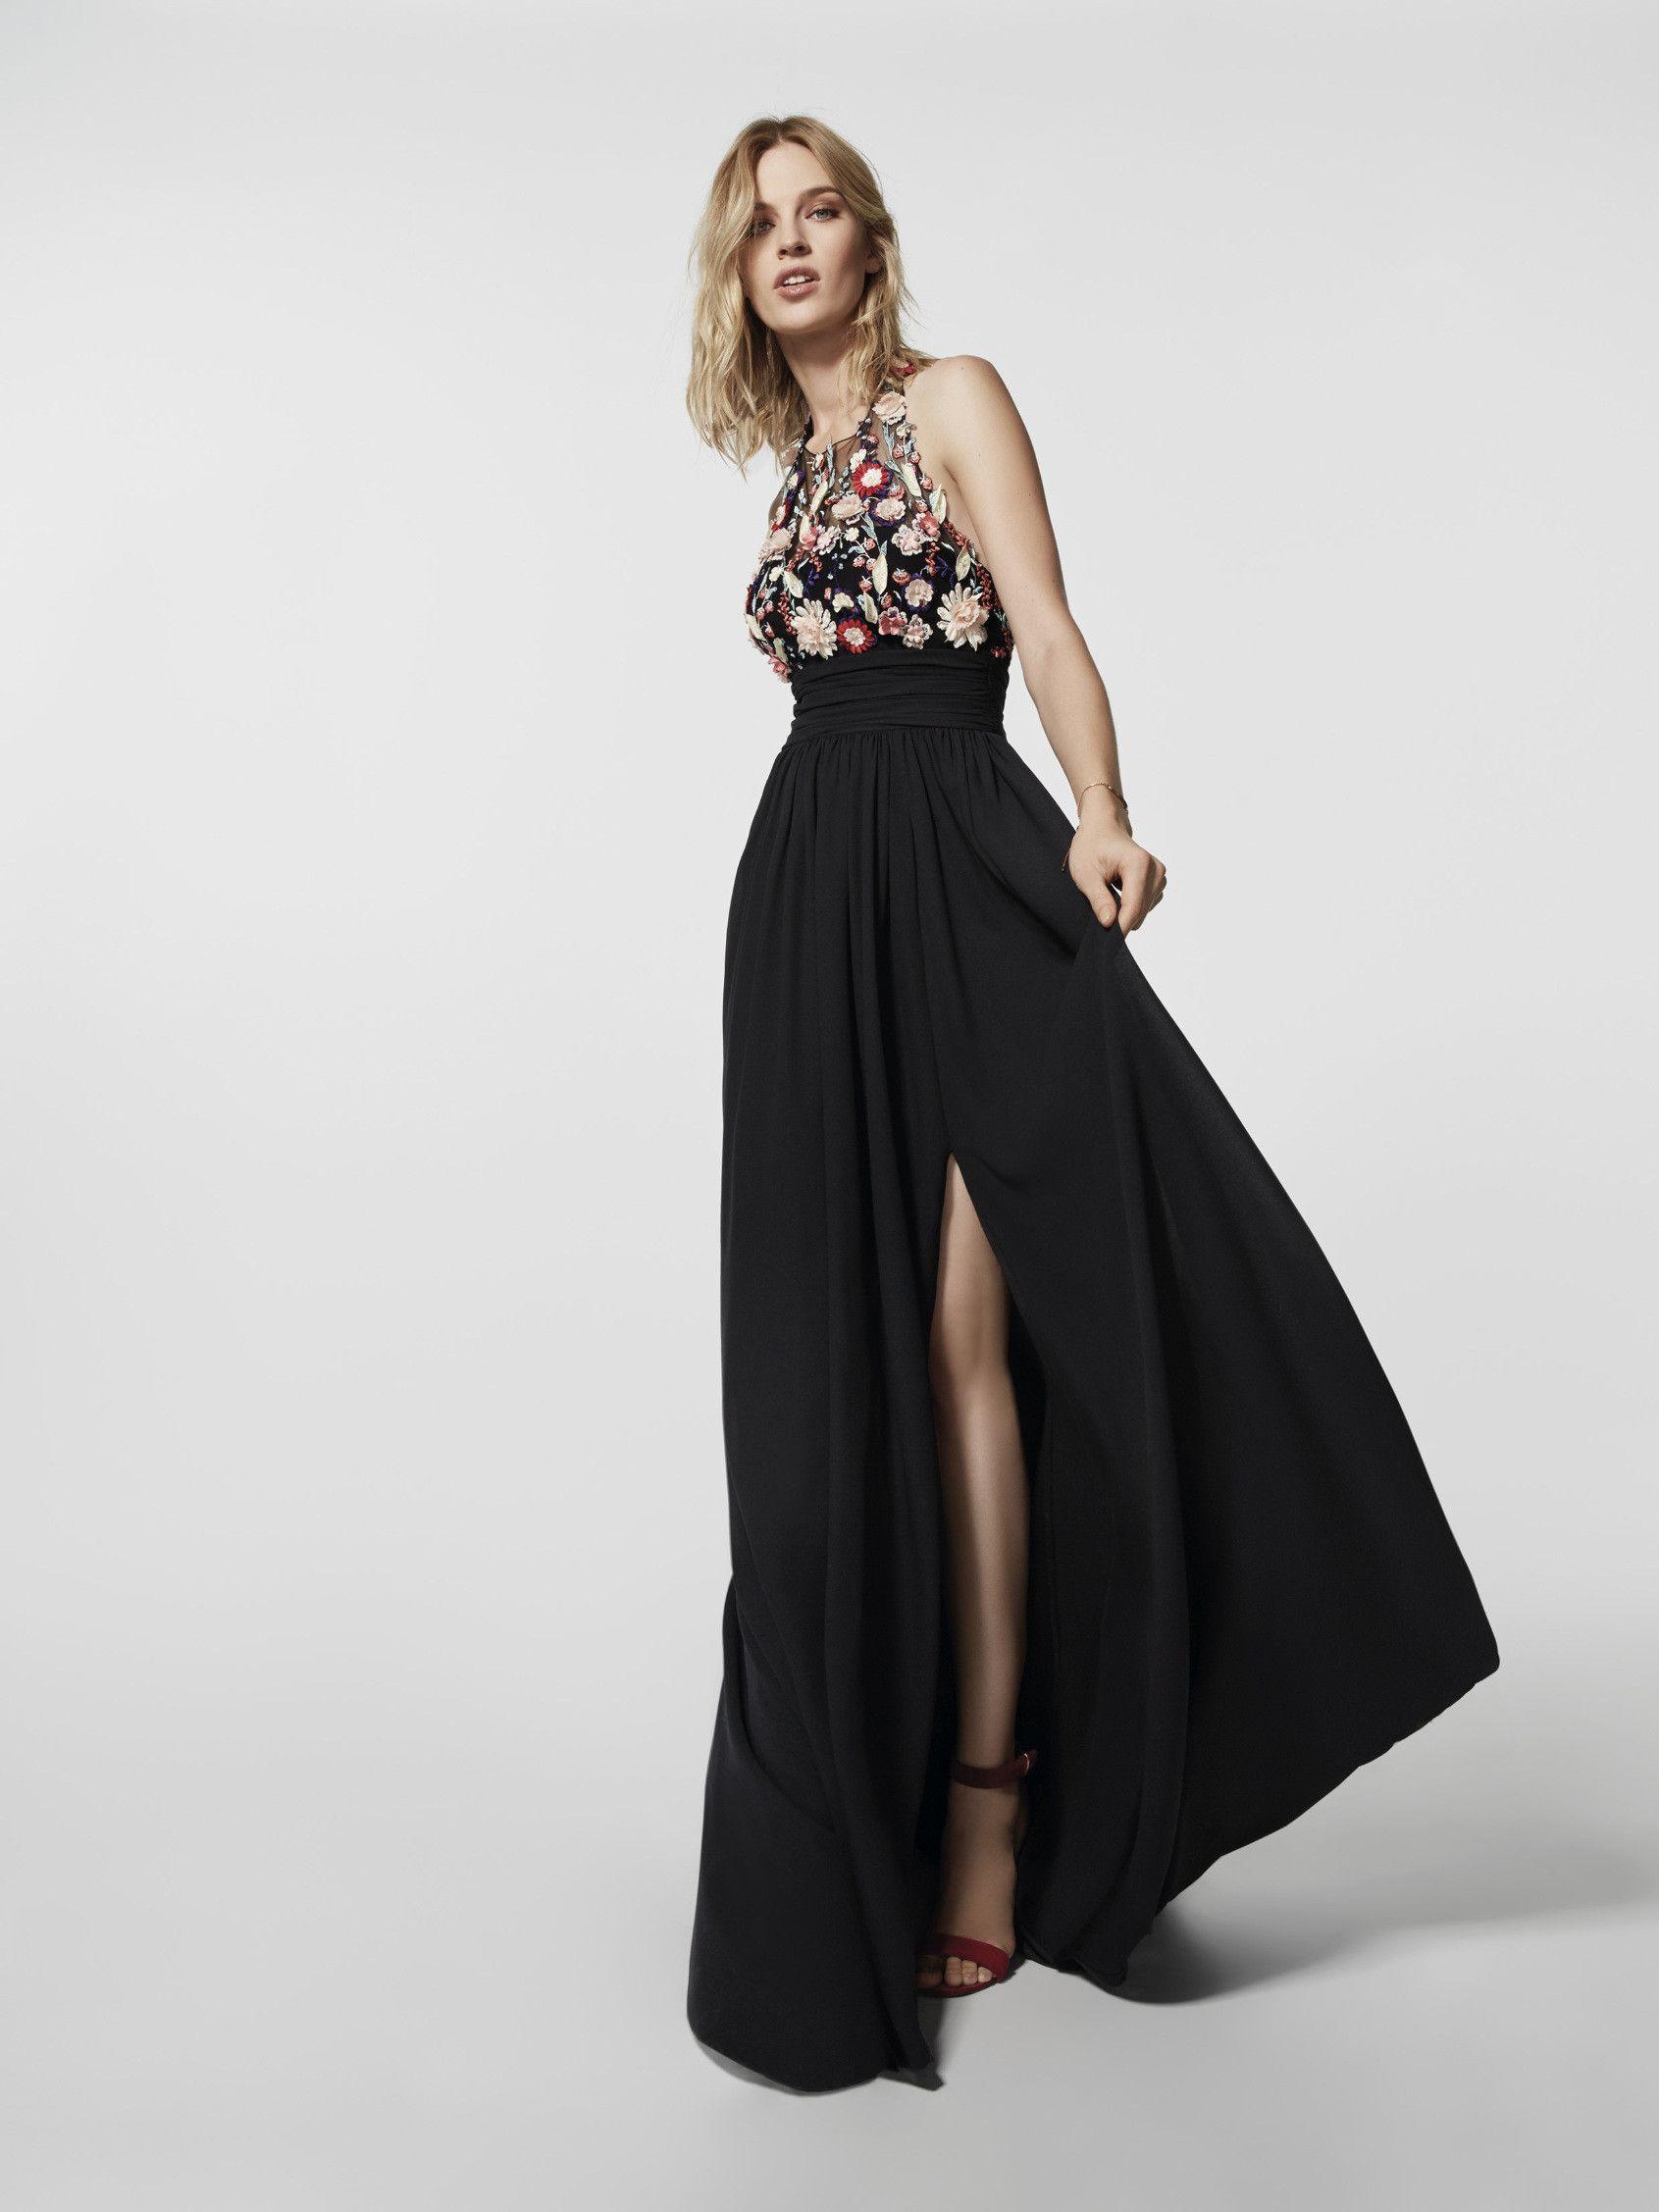 Kleid schwarz lang h&m